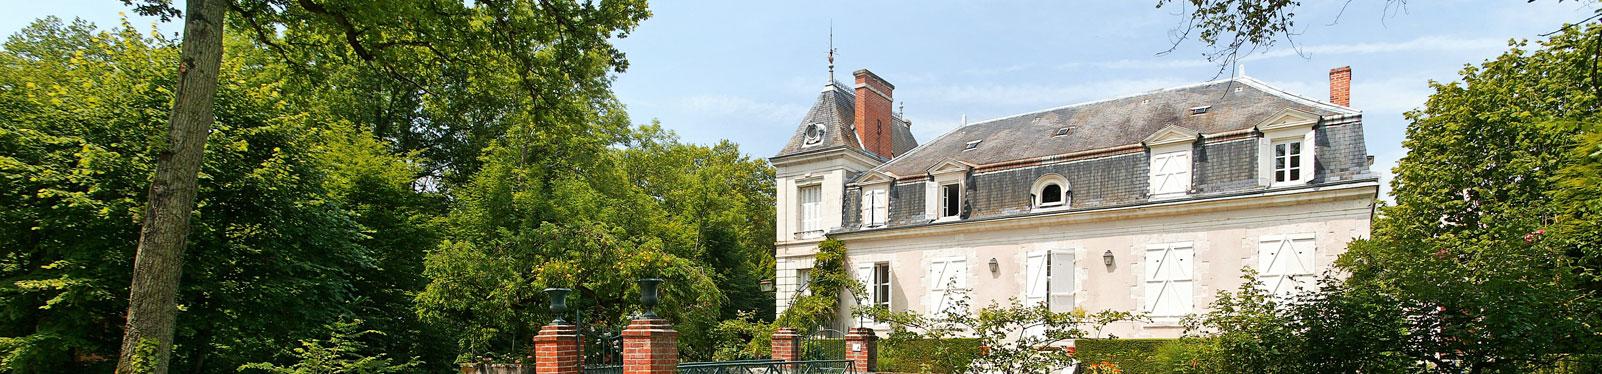 Chateau de la Grenouillere